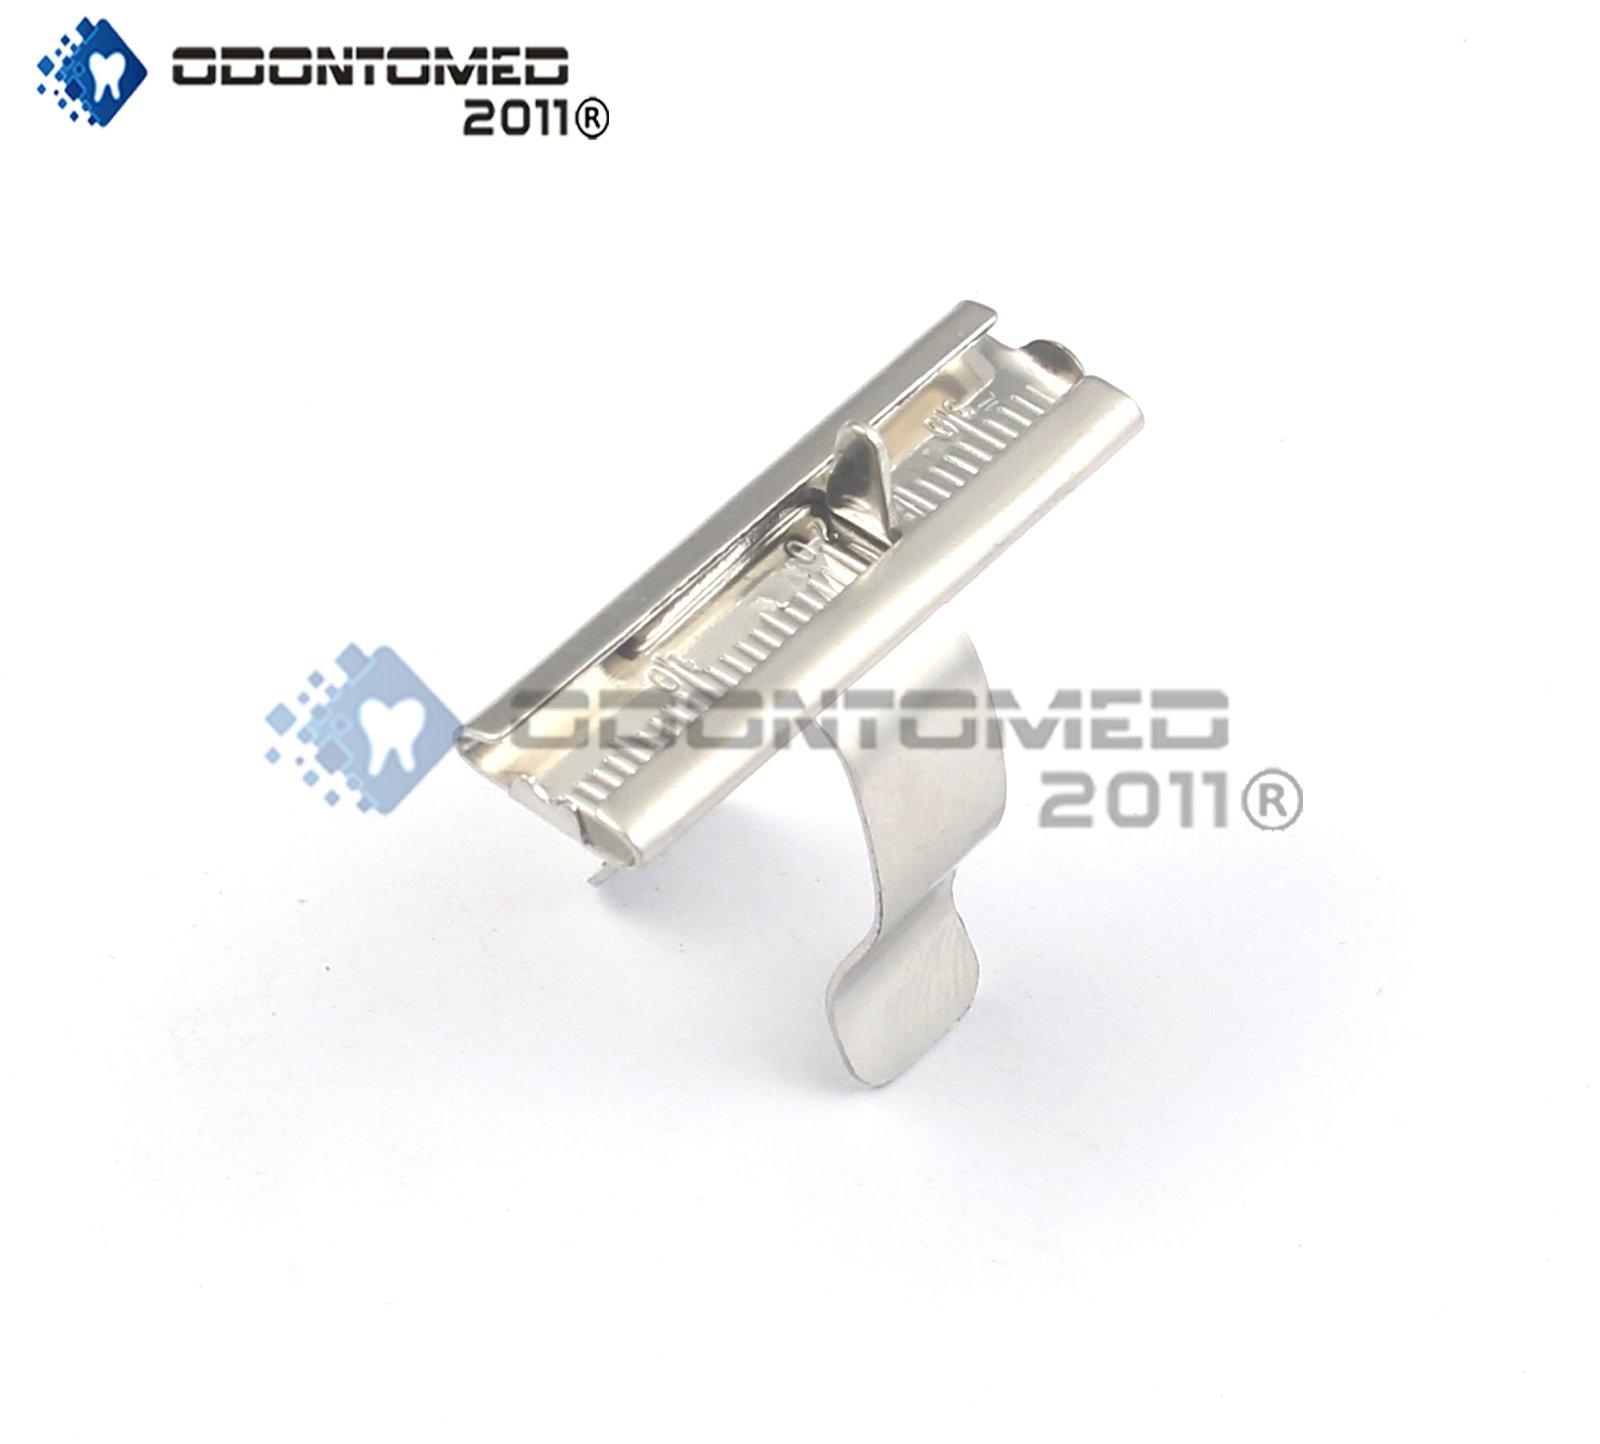 OdontoMed2011® Endo Gauge Finger Ruler Span Measure Scale Endodontic Dental Instruments Ring ODM